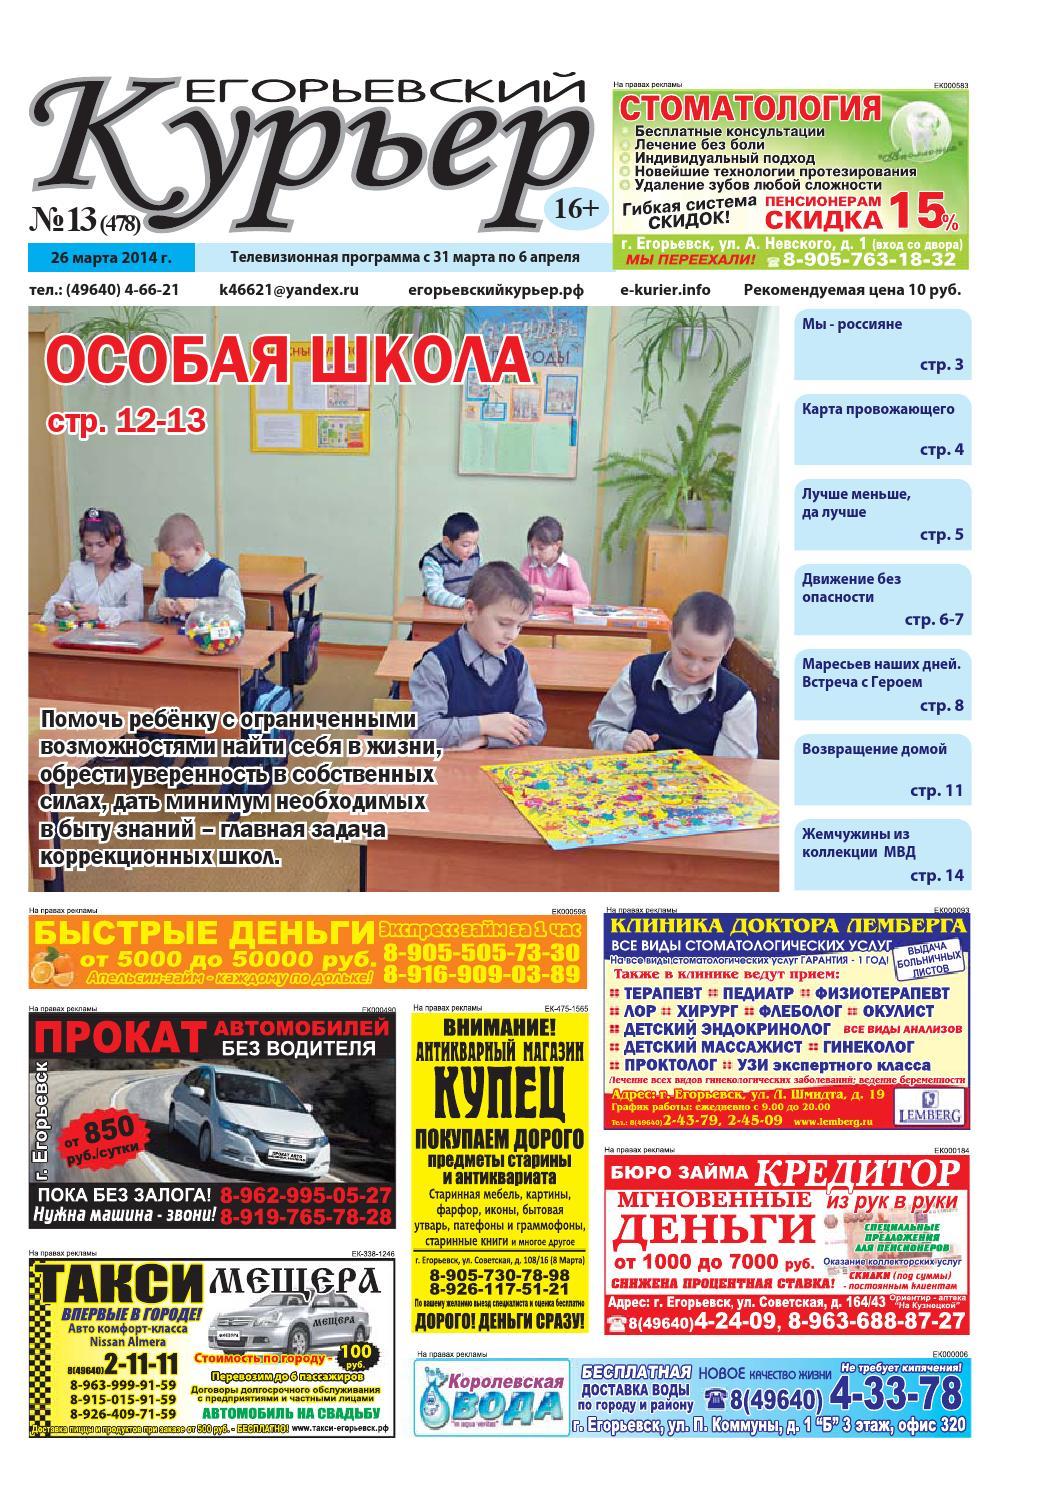 Занять под залог птс Дмитровка Малая улица займ под птс Обыденский 2-ой переулок